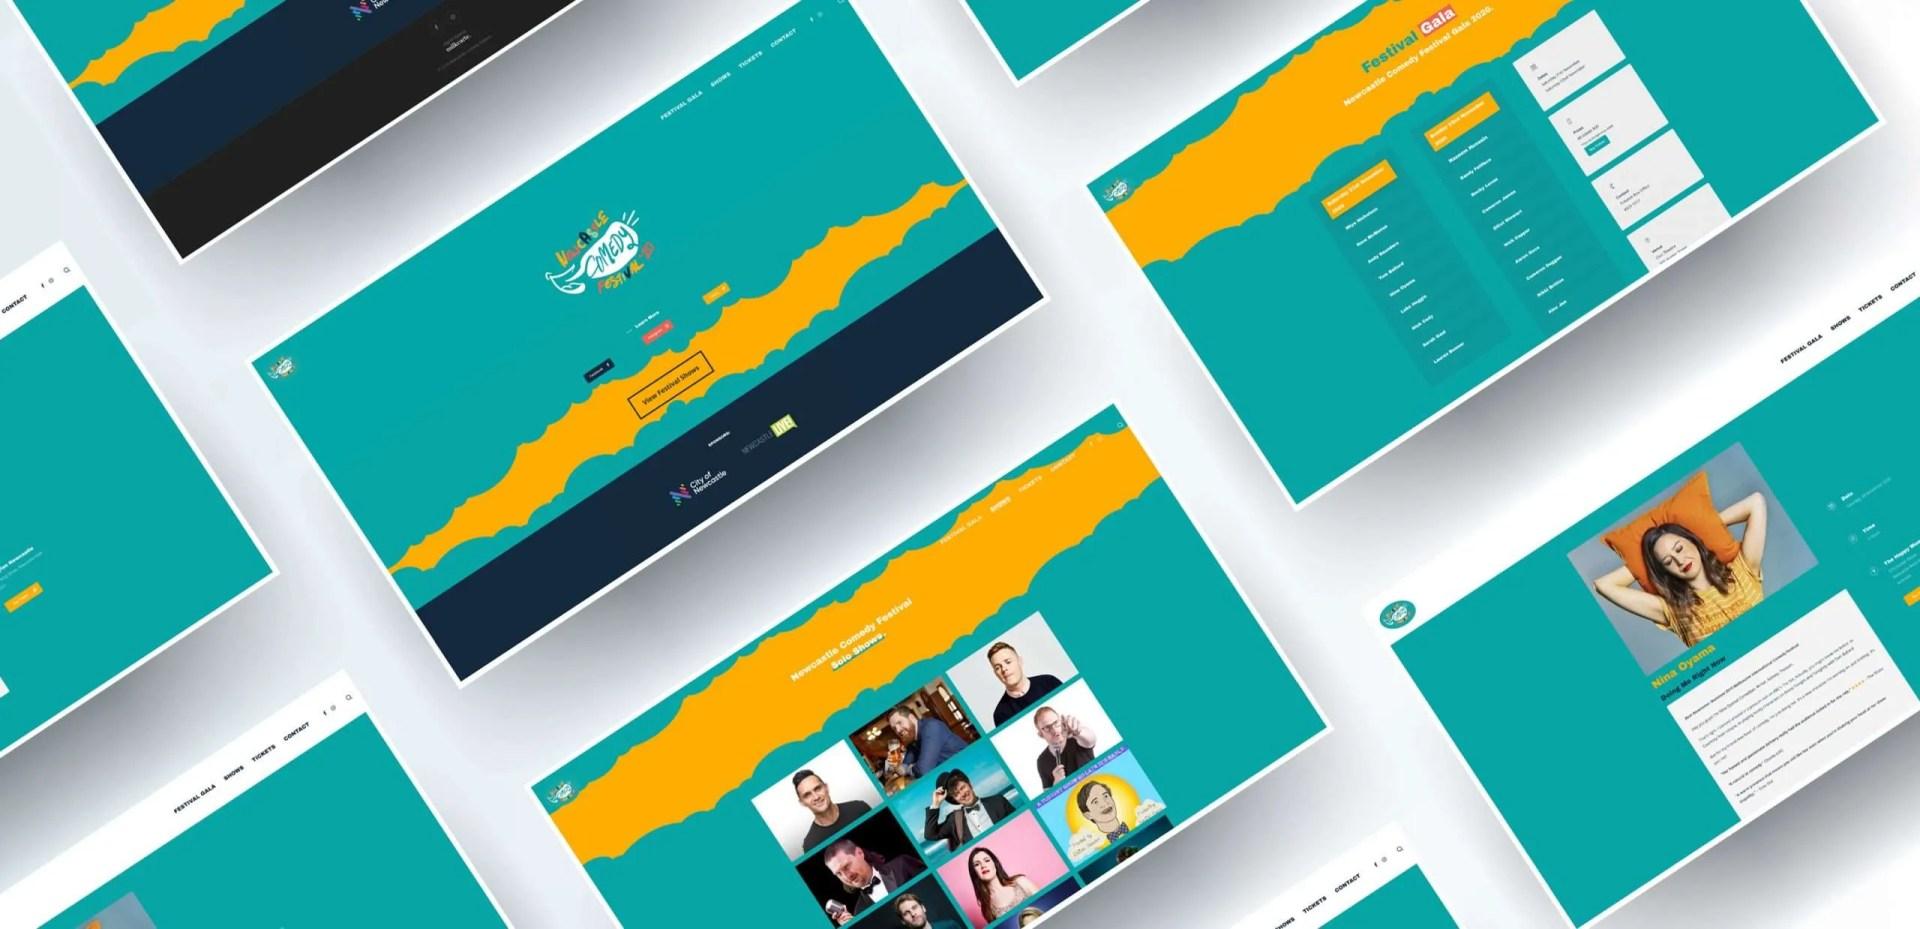 Newcastle_Comedy_Festival_Website_Screens